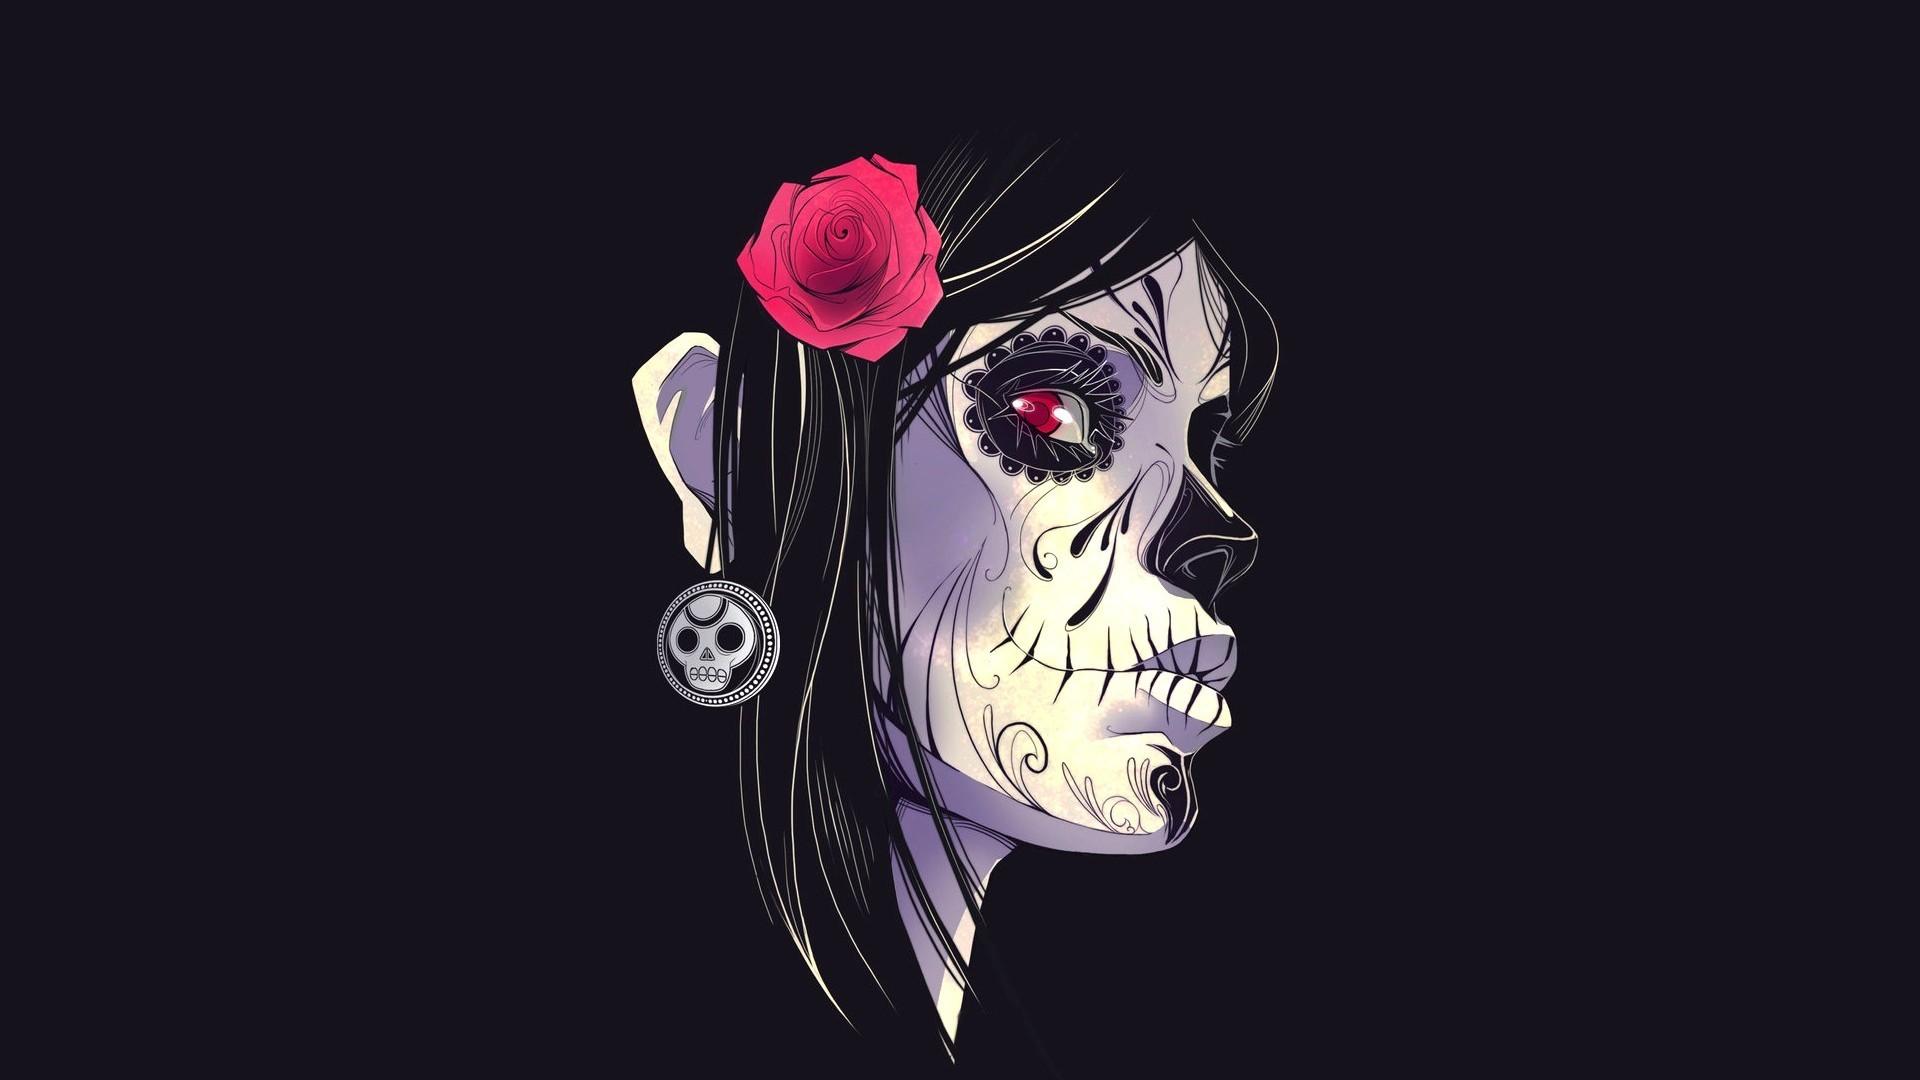 Skull 3d Wallpaper: Gothic Skulls Wallpaper ·① WallpaperTag